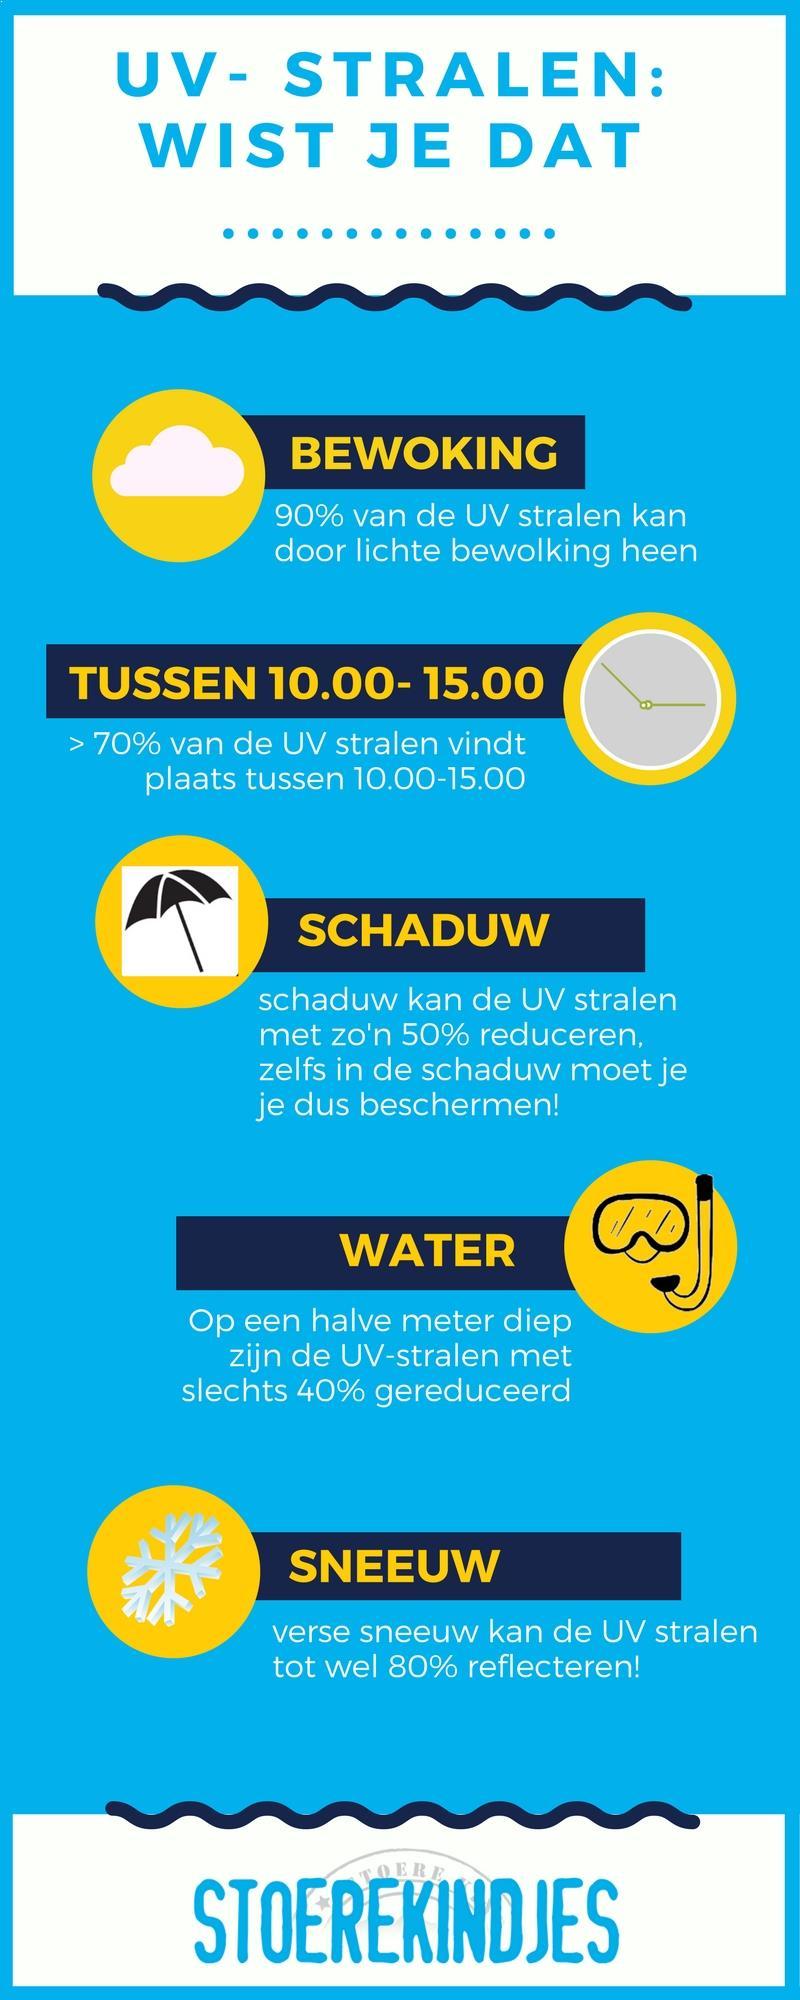 Over UV stralen: Wist je dat .....